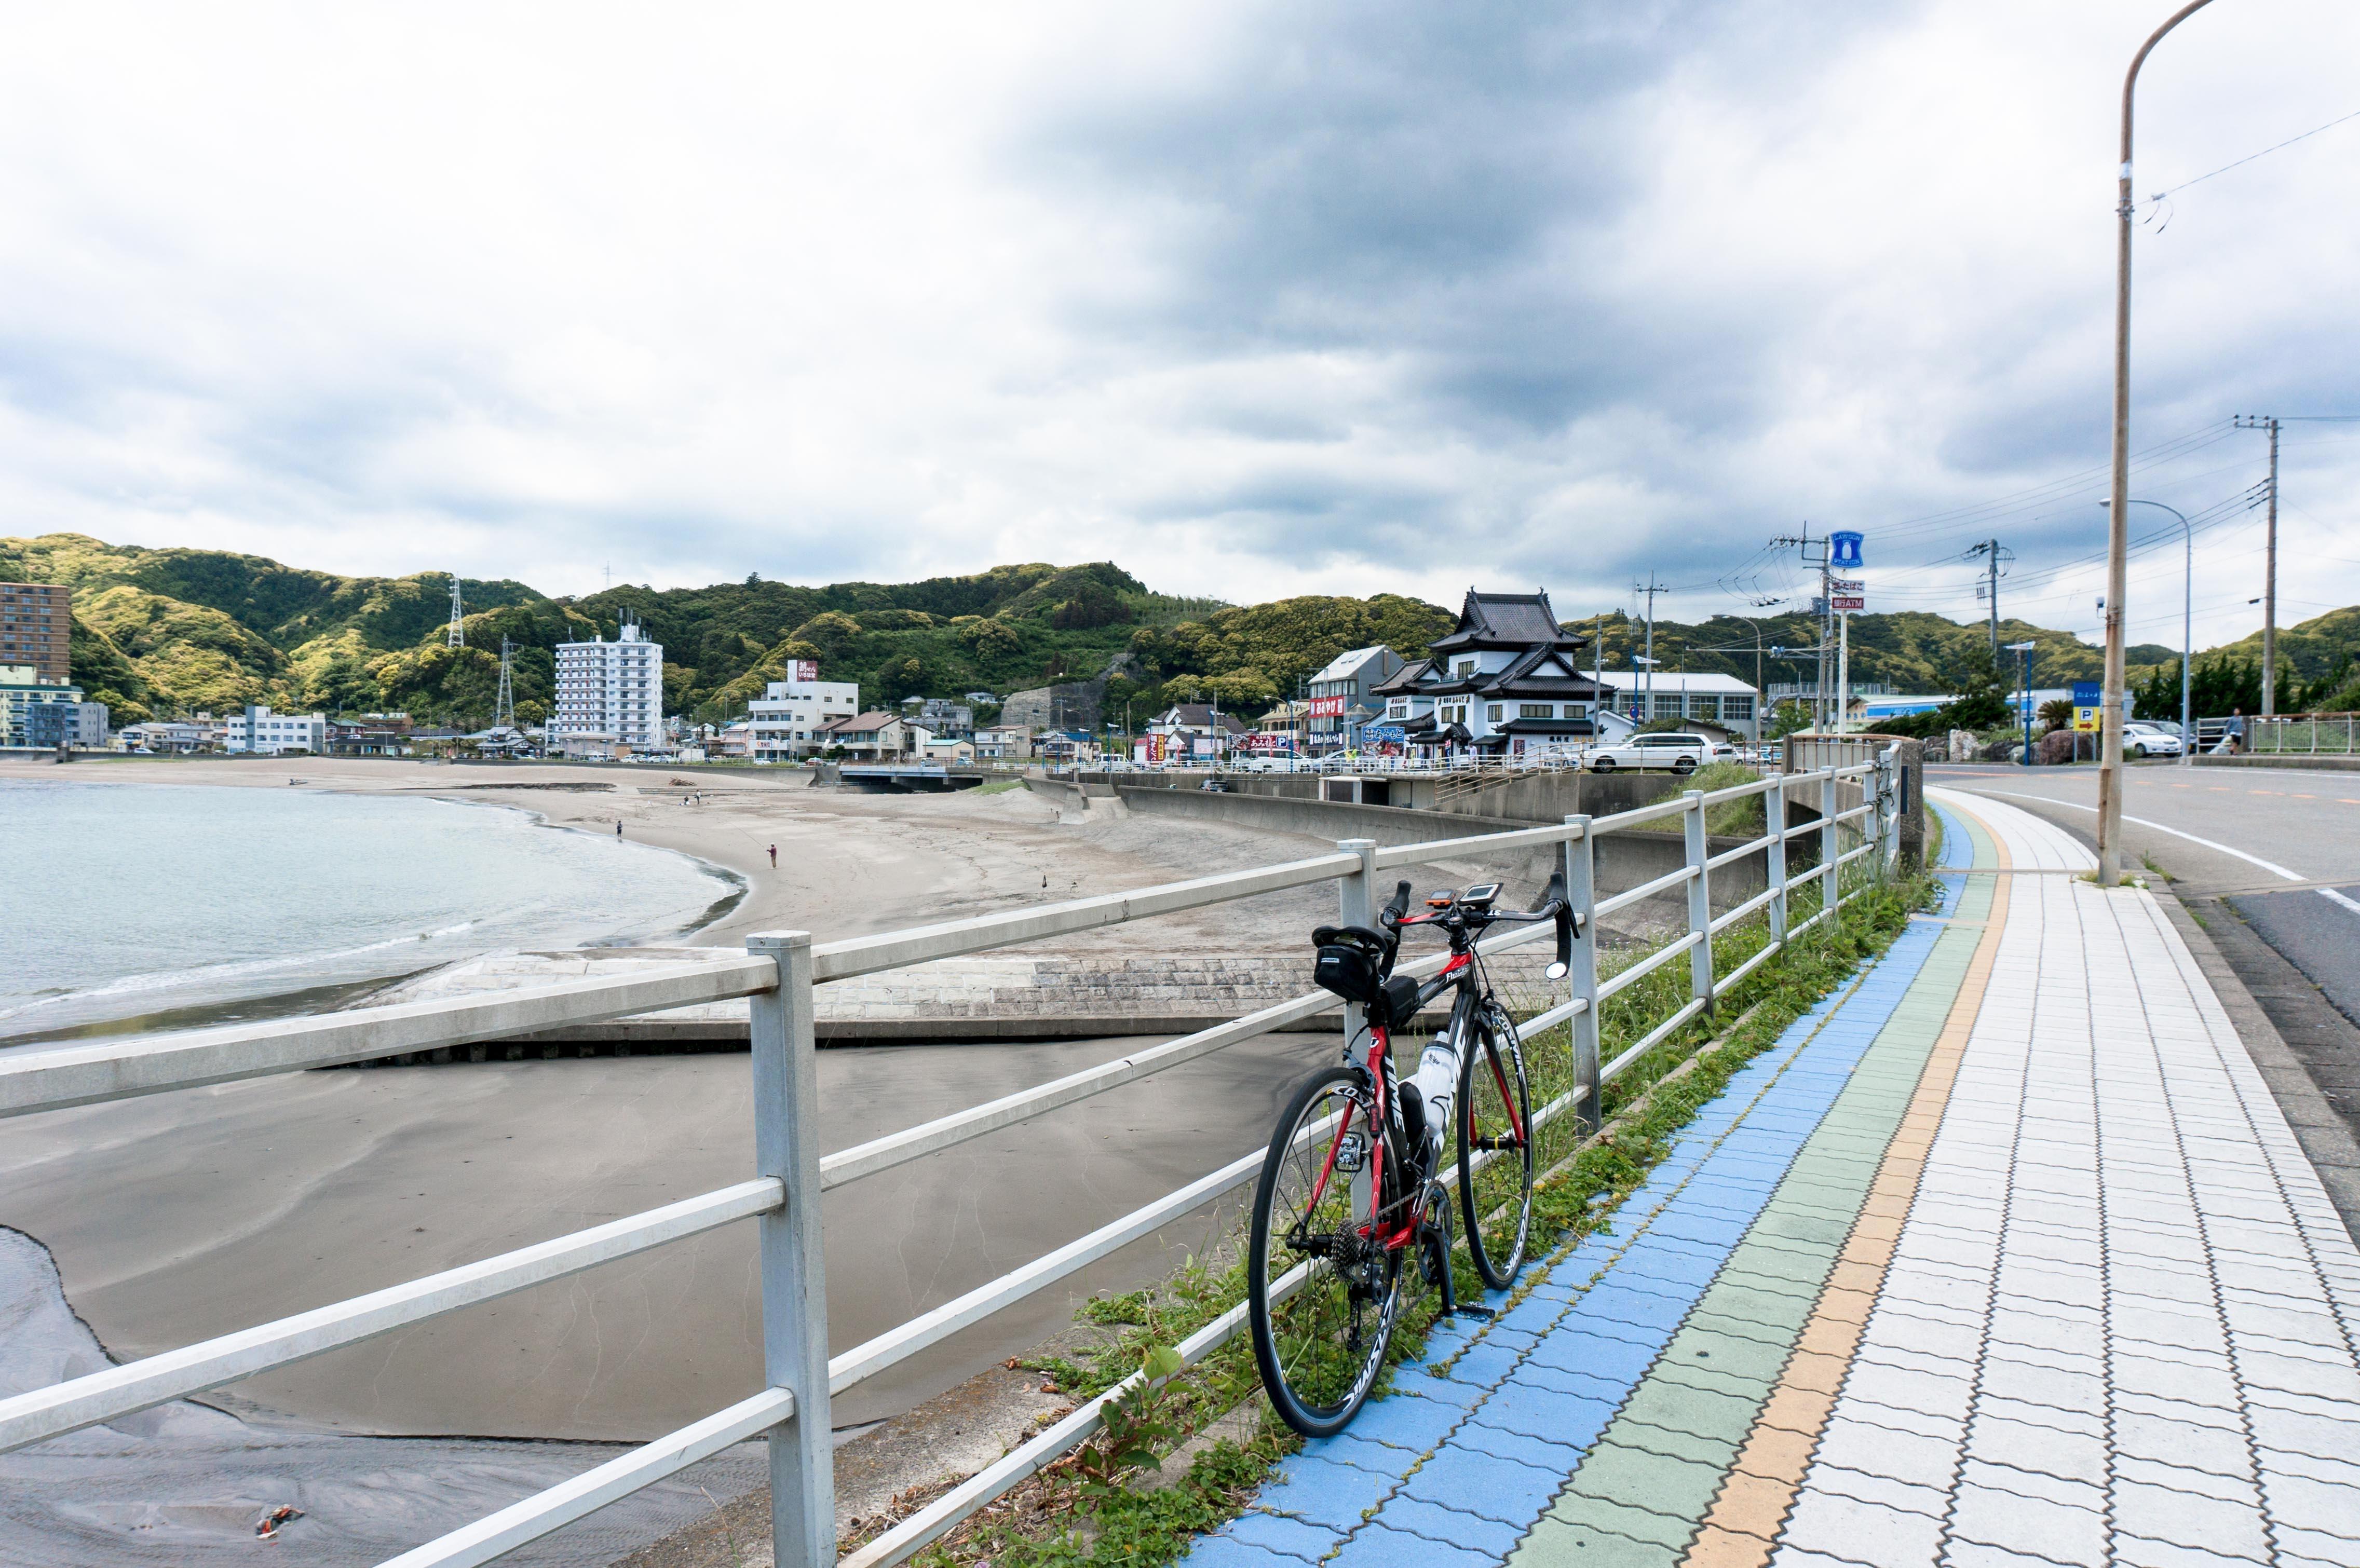 安房小湊の海岸風景と自転車